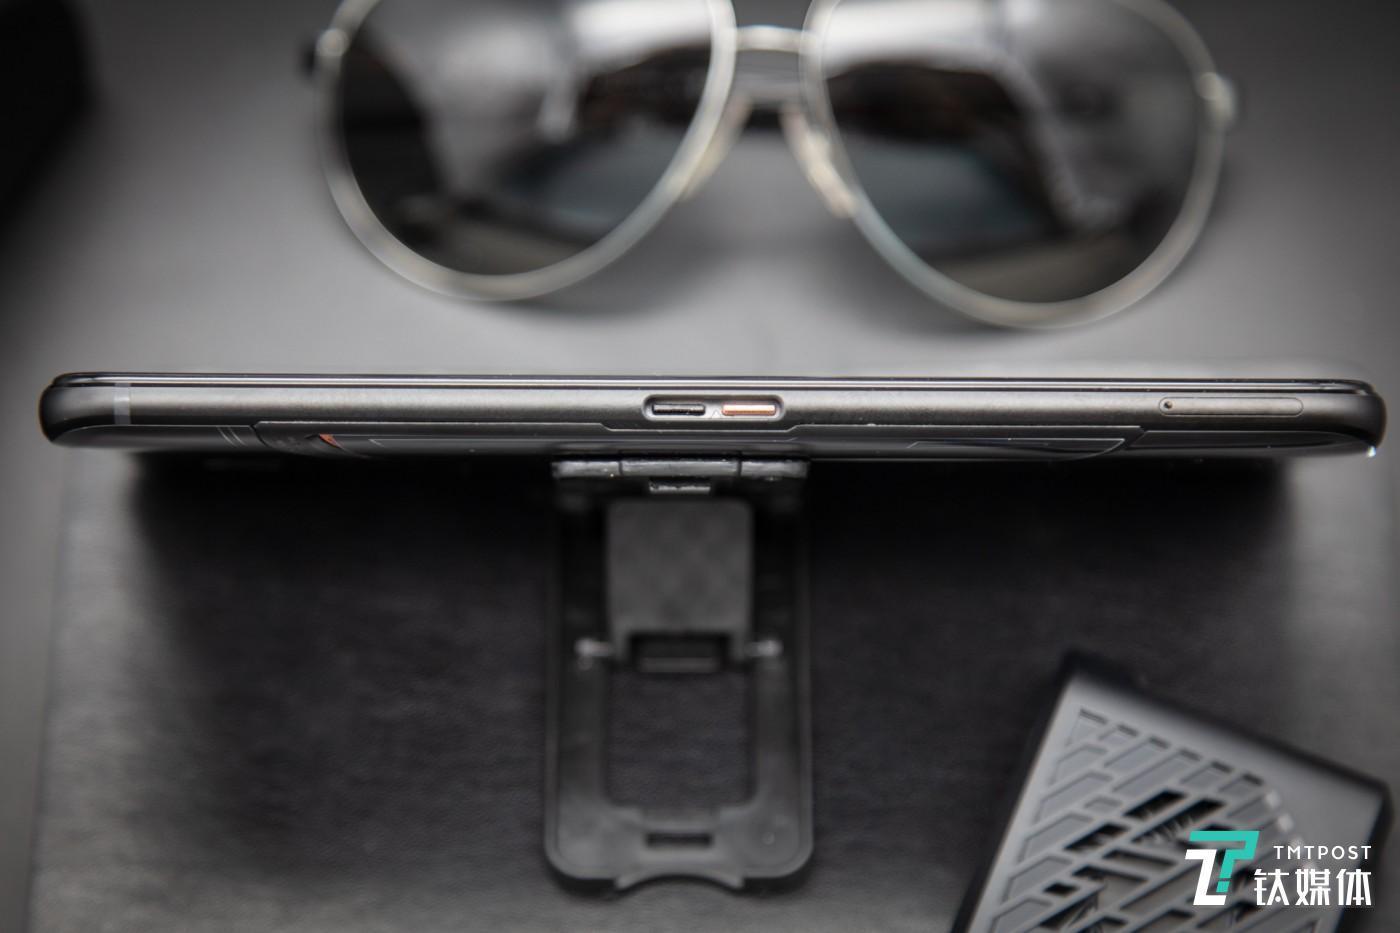 侧边定制接口&SIM卡槽